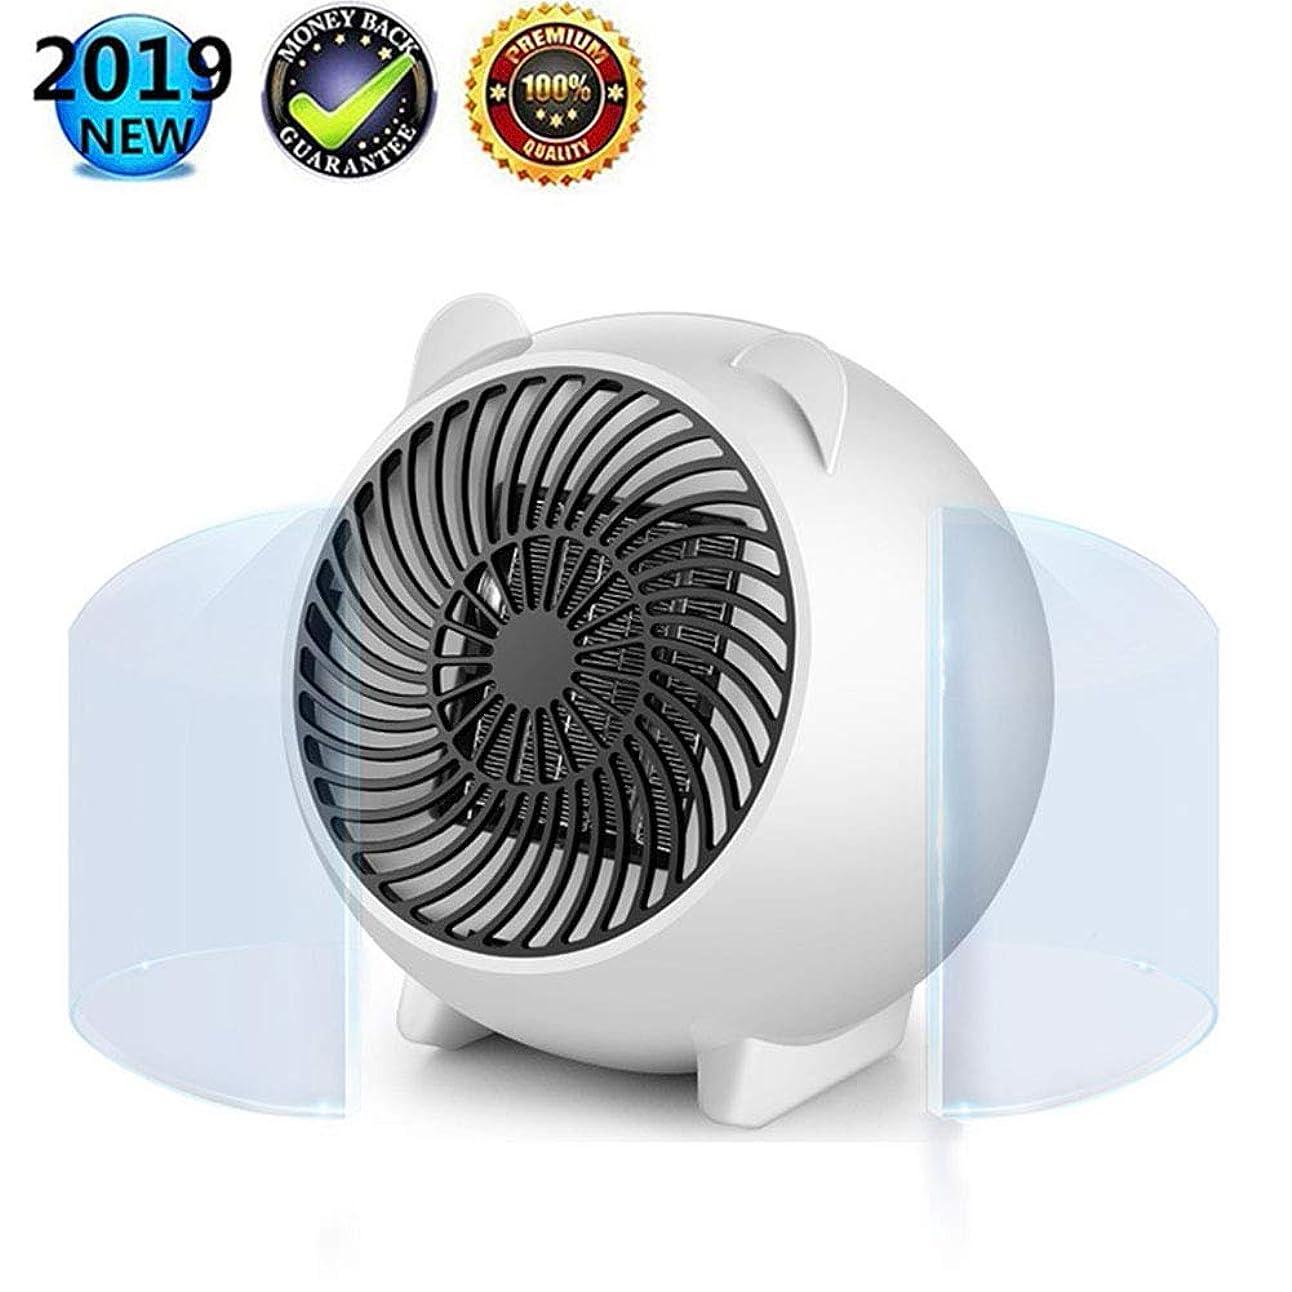 回想囲い悲しみポータブルファンヒーター-振動セラミックヒーター500W 3S高速加熱自然風過熱および転倒防止-家庭およびオフィス用,Eu